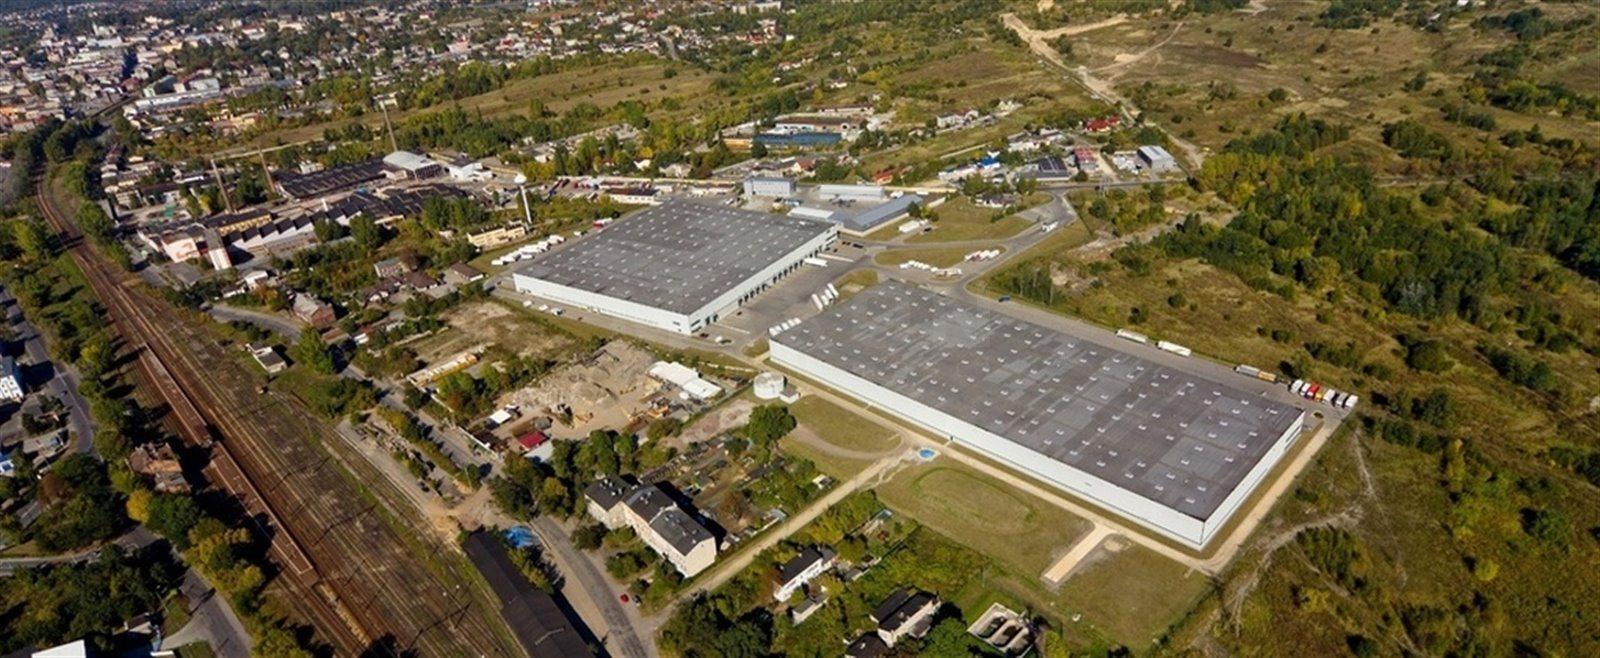 Lokal użytkowy na wynajem Będzin, ul. Zagórska  5000m2 Foto 2